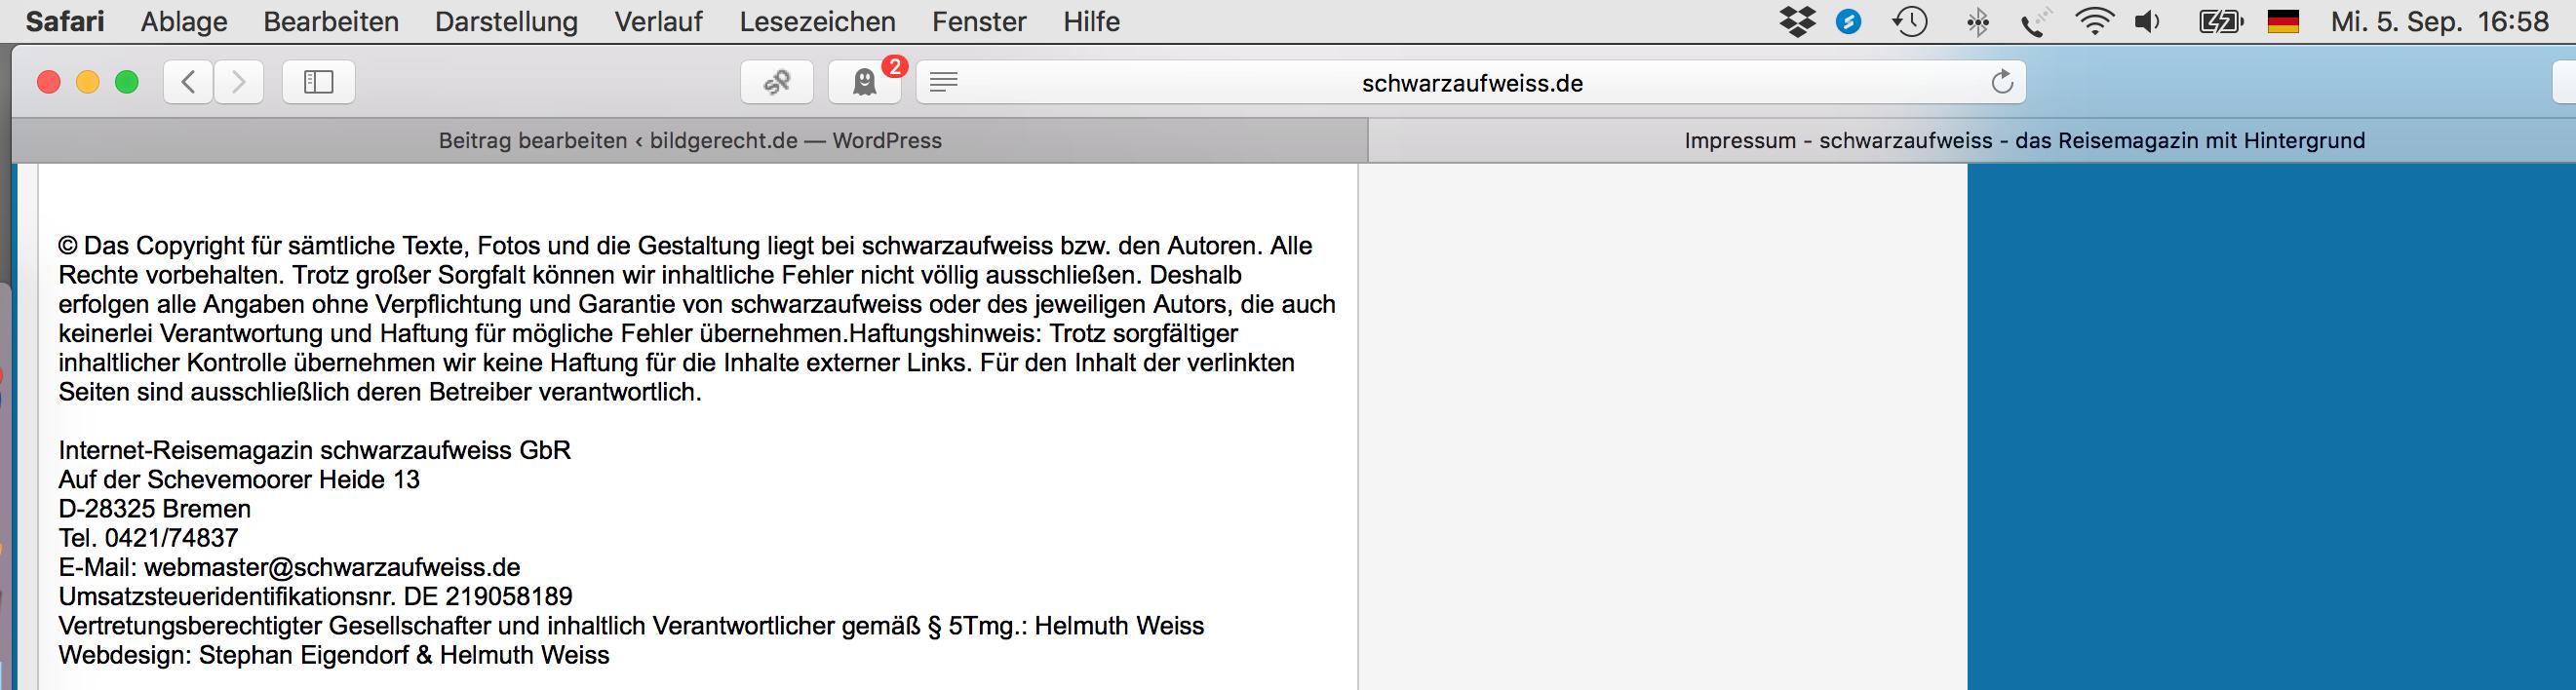 Urheber-und Nutzungshinweise website schwarzaufweiss.de